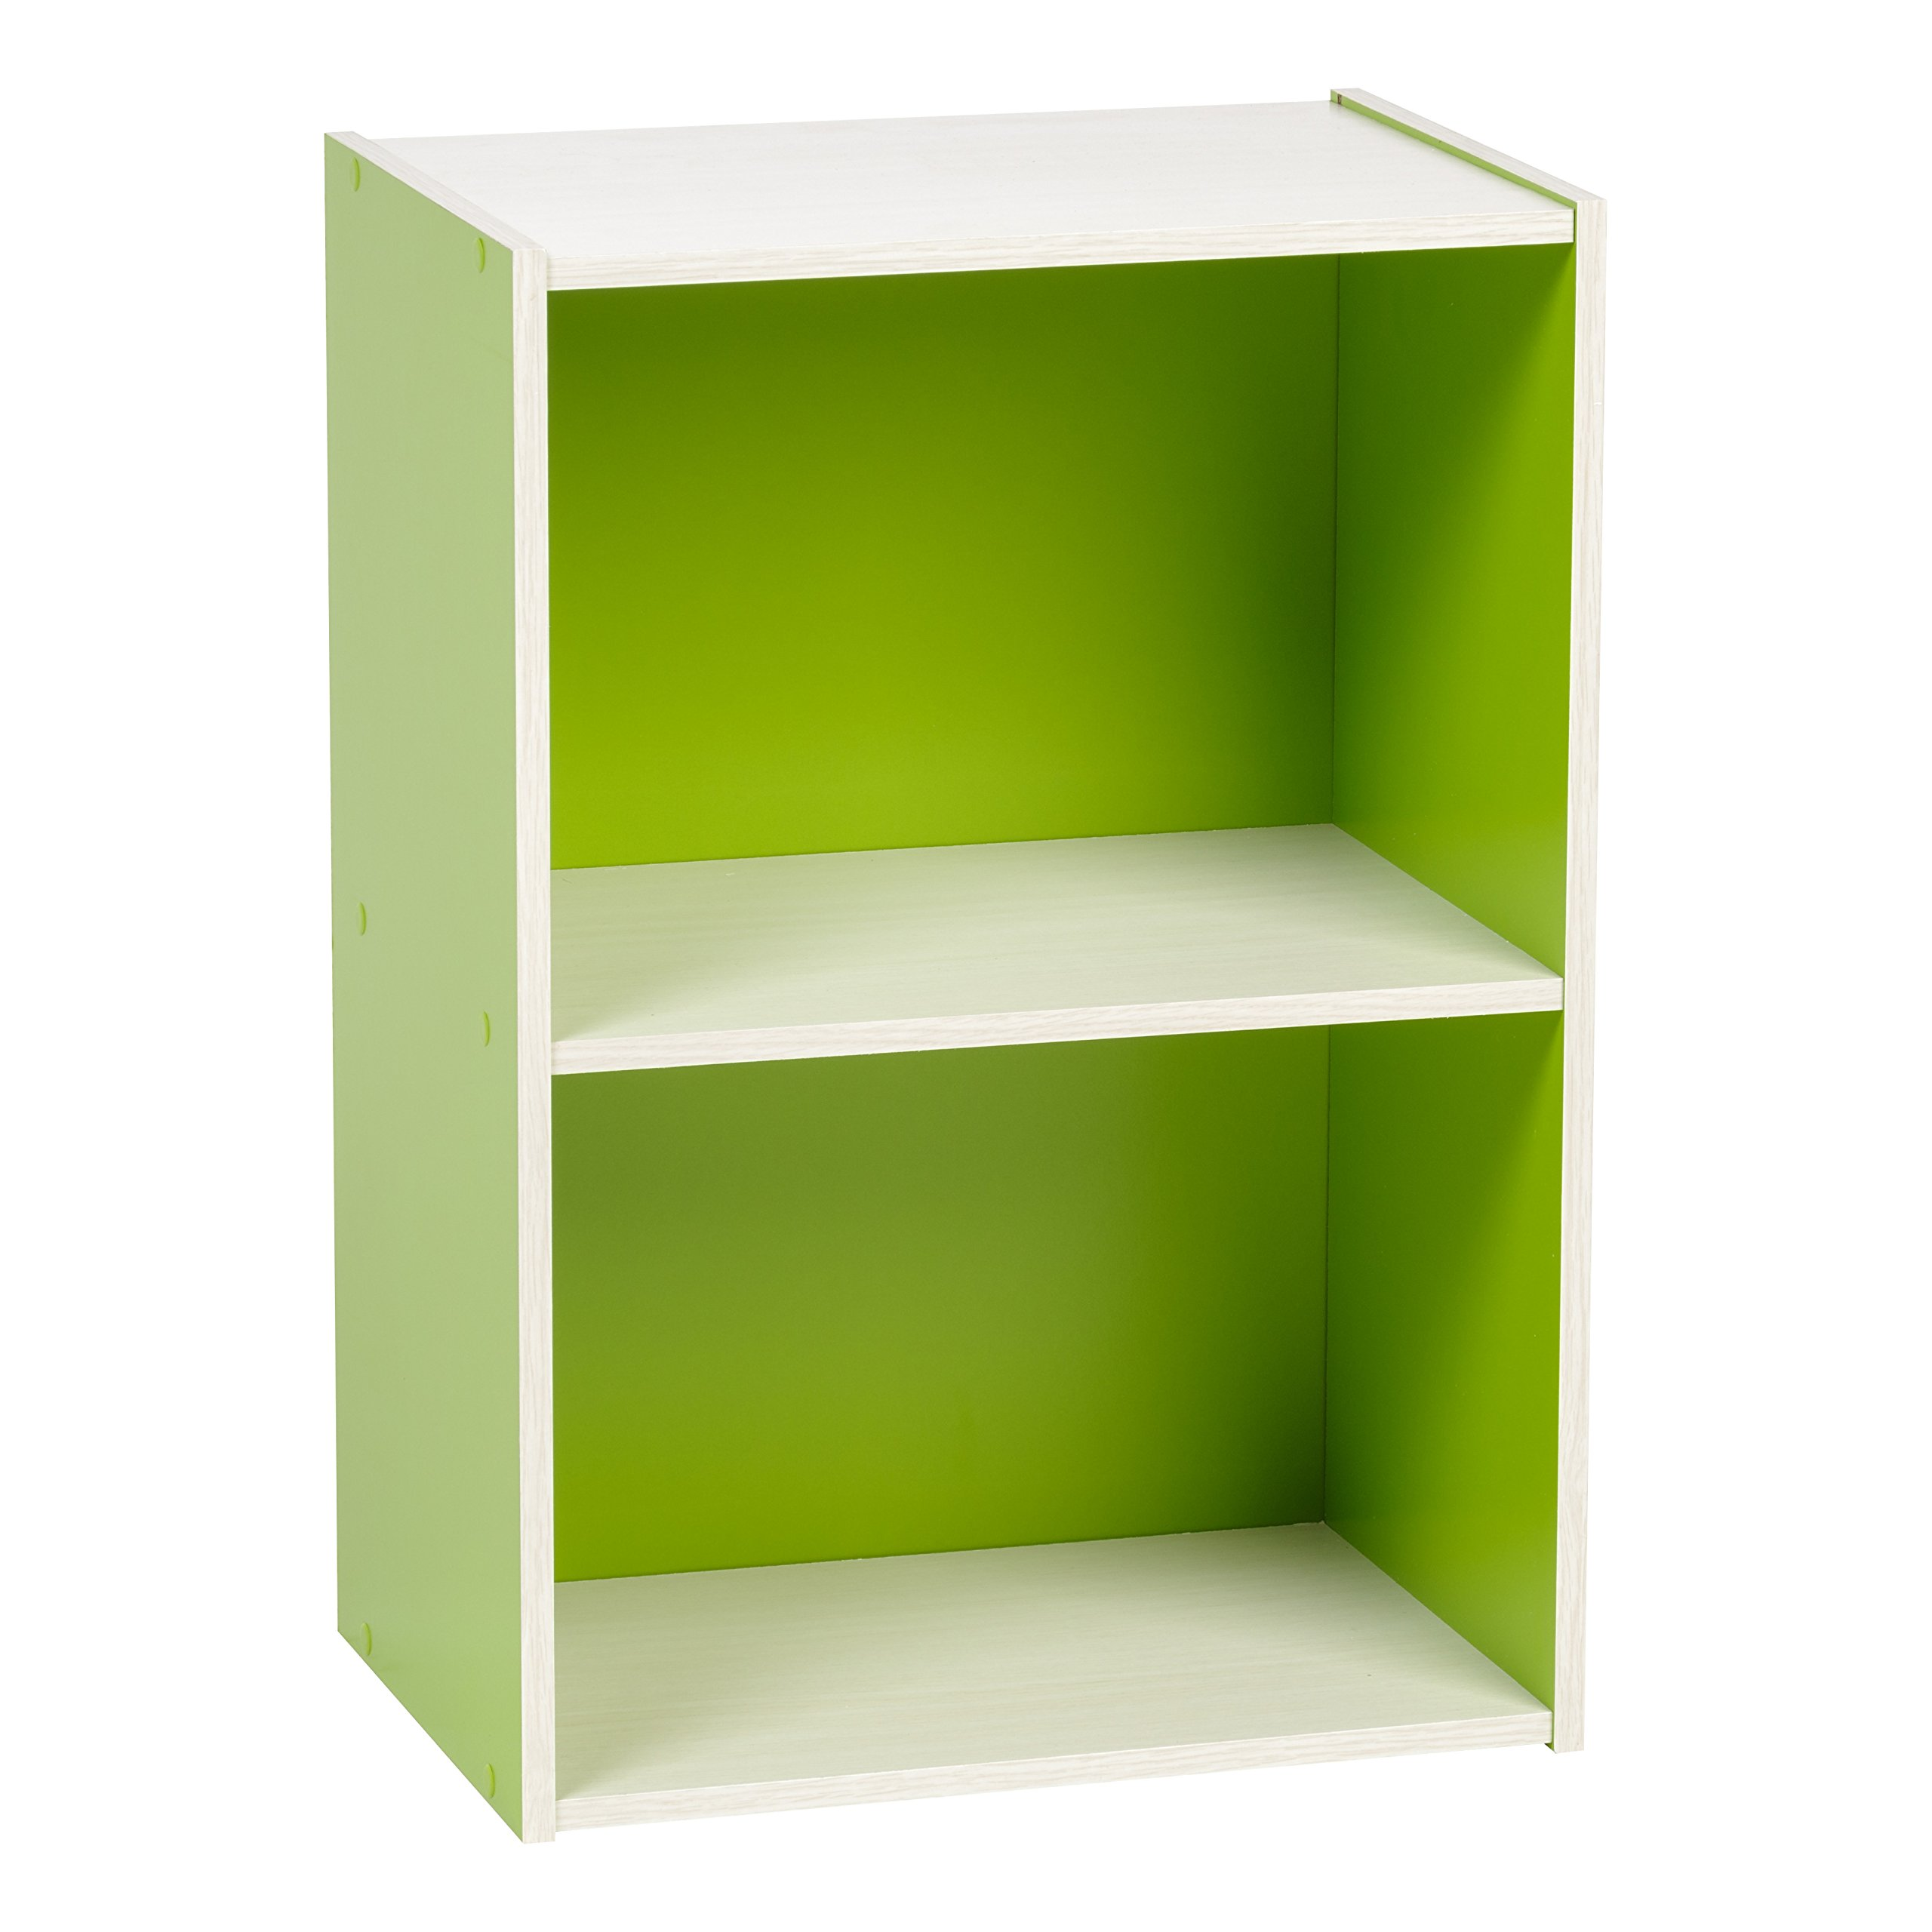 IRIS 2-Tier Wood Storage Shelf, Green